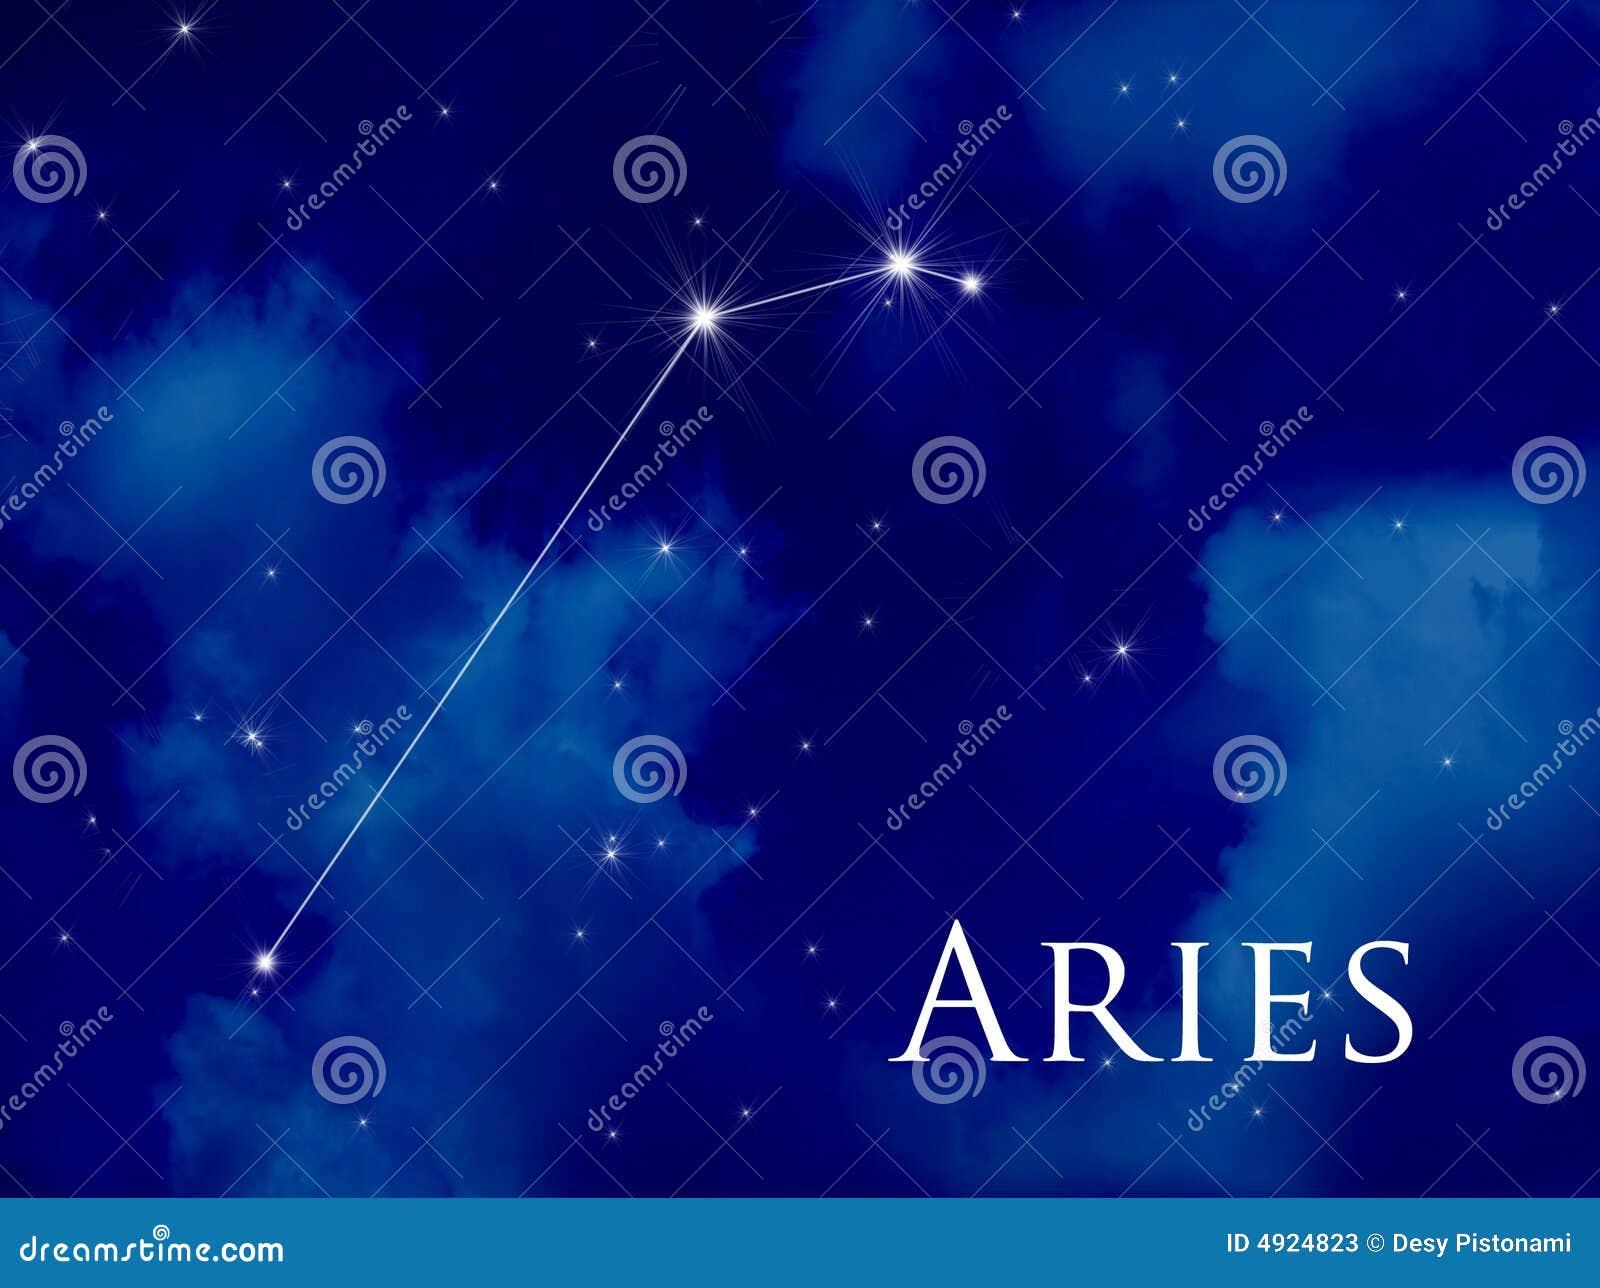 Aries della costellazione